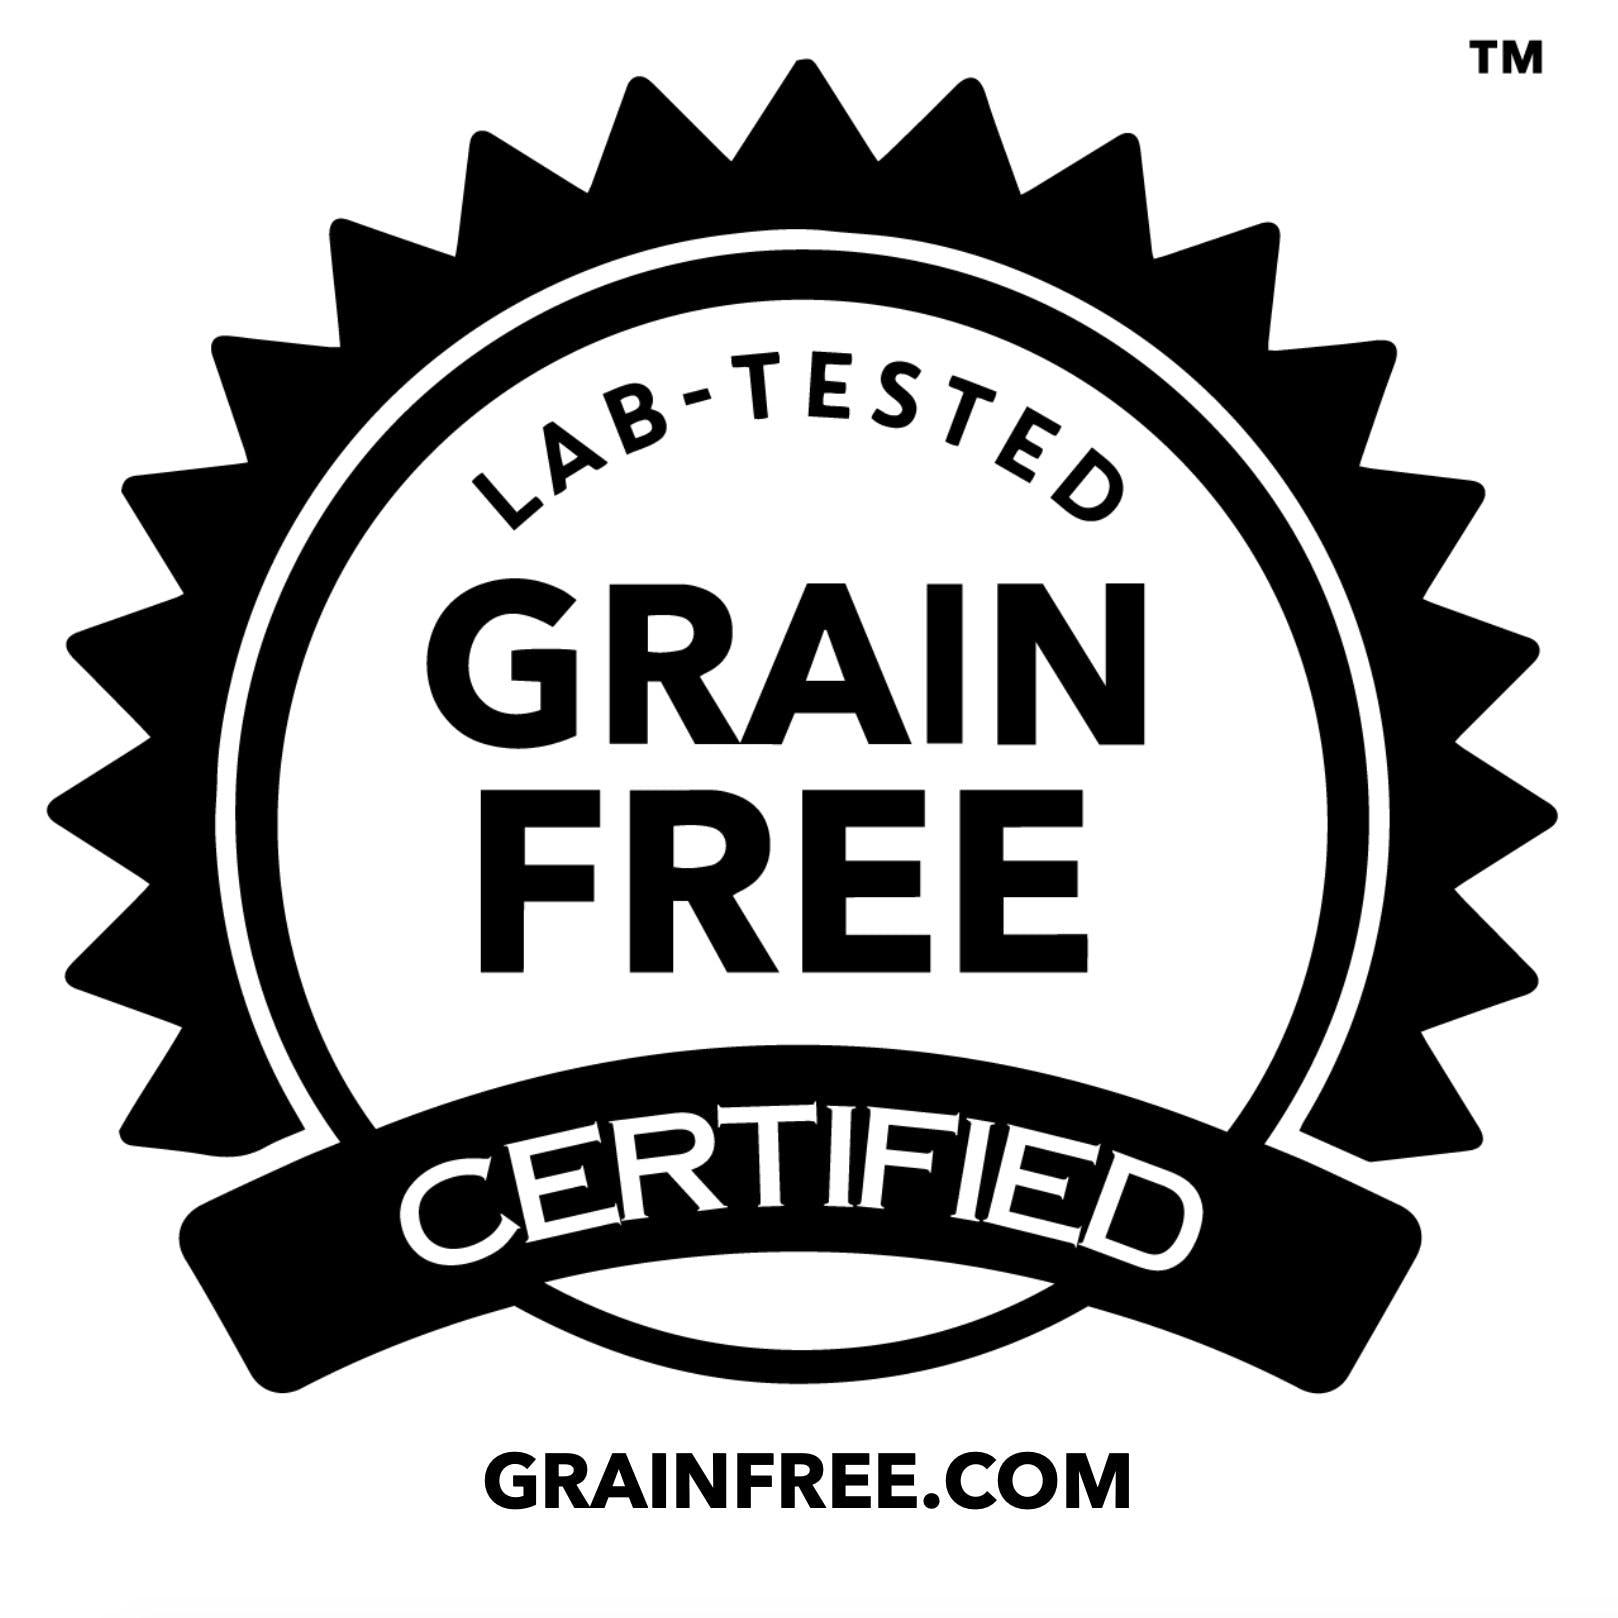 Grain-Free Certified